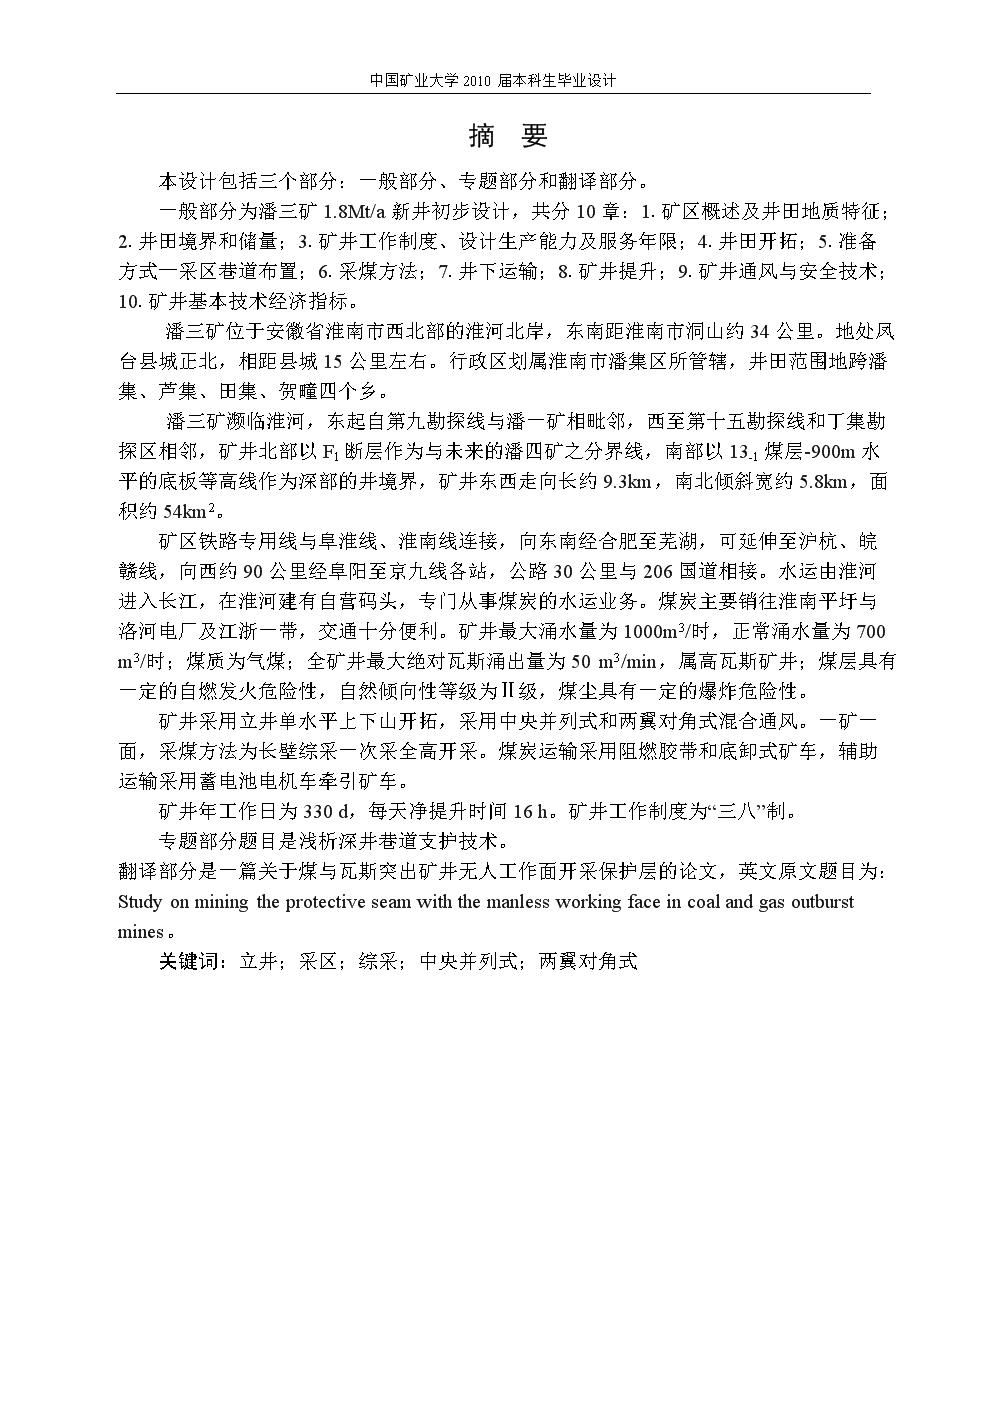 潘三矿1.8Mt-a新井初步设计 浅析深井巷道支护技术.doc